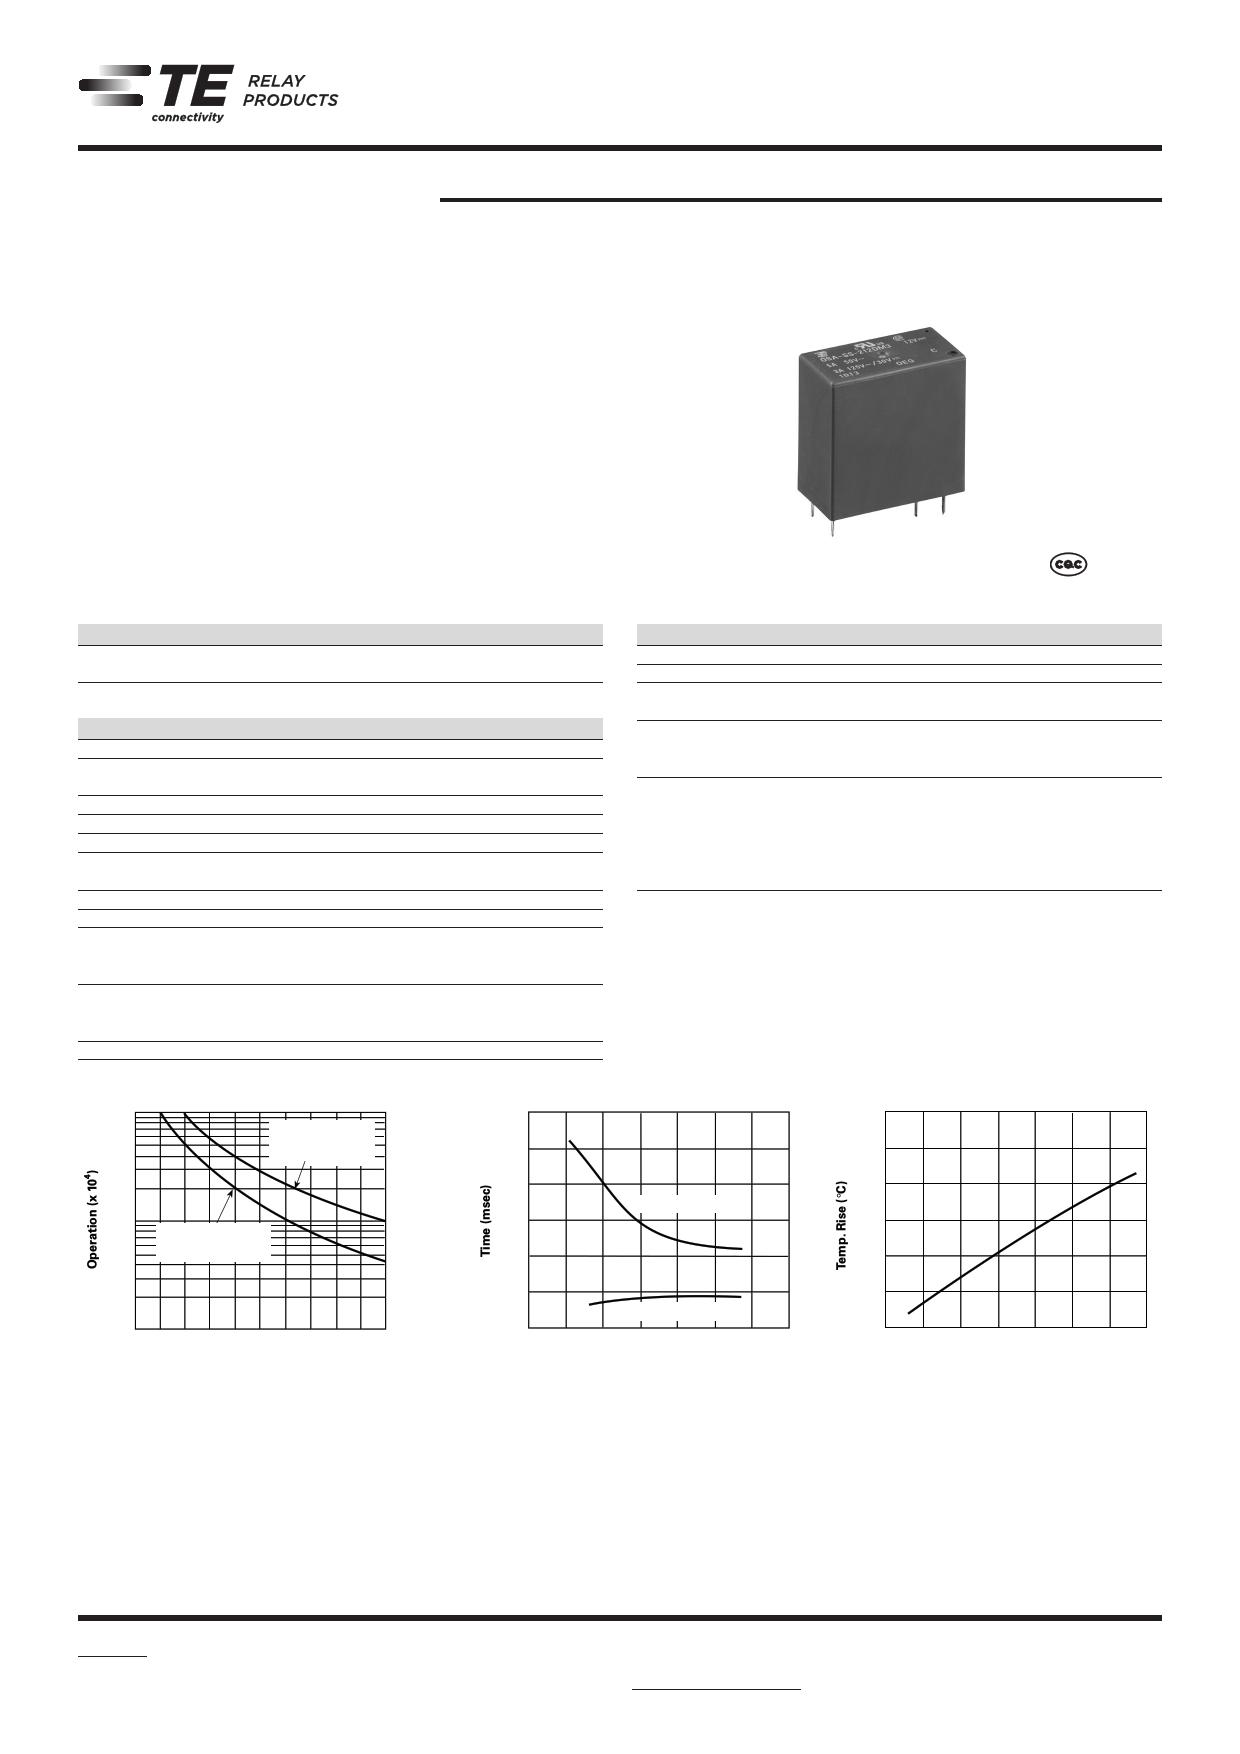 OSA-SH-224DM3 데이터시트 및 OSA-SH-224DM3 PDF